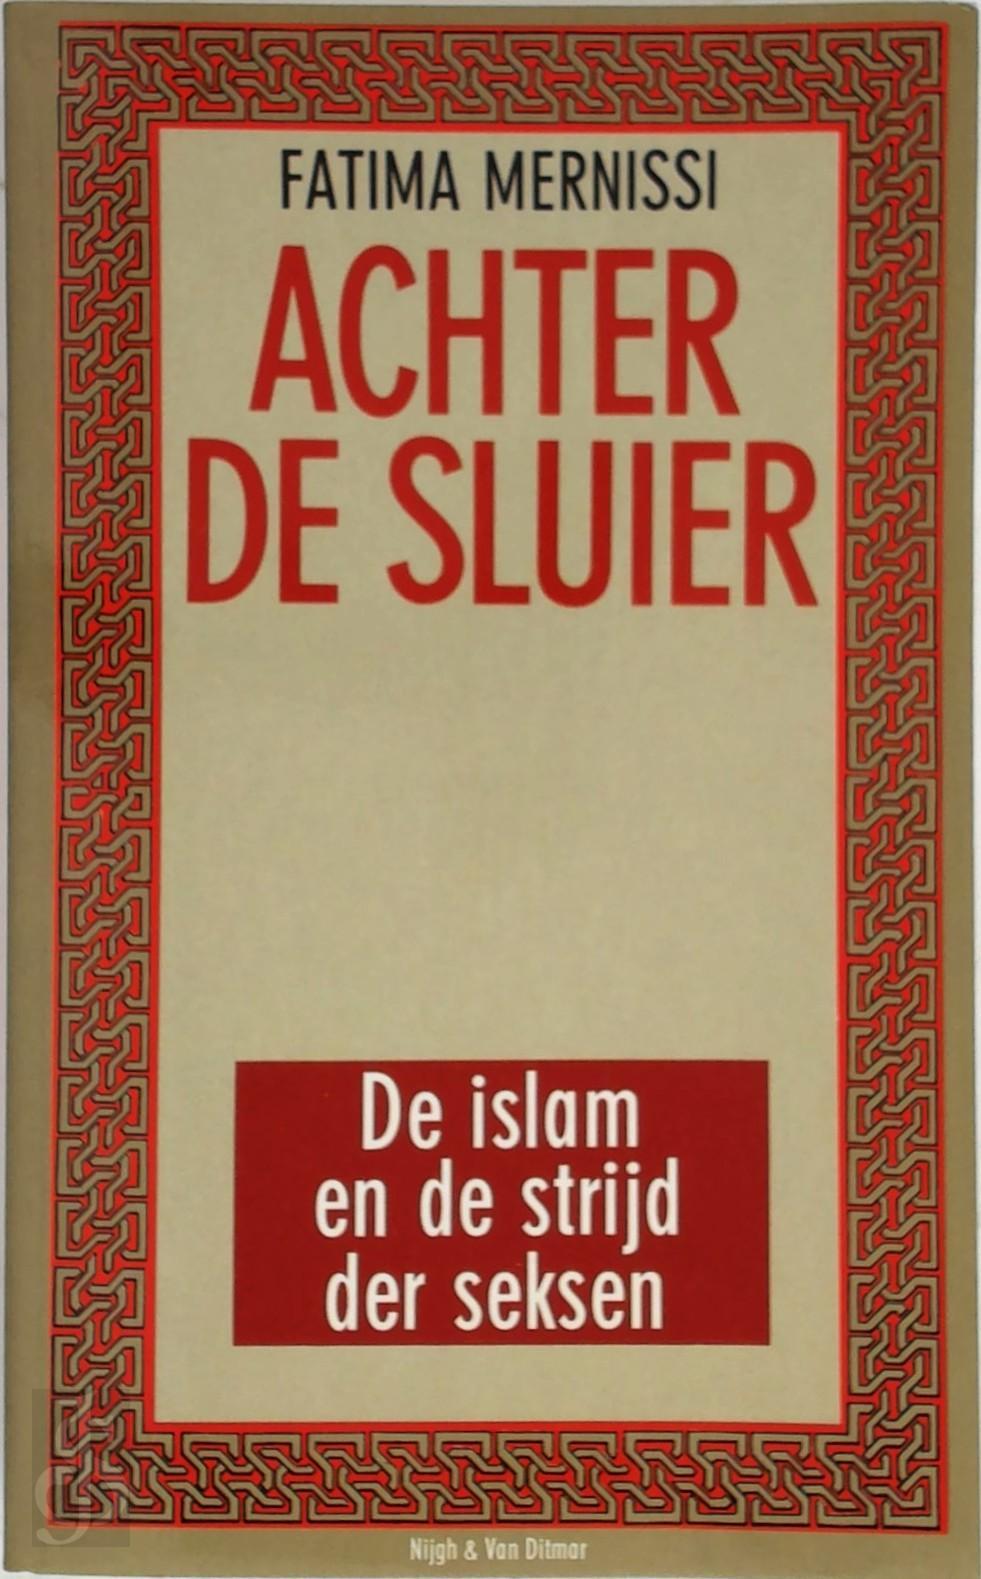 Achter de sluier de islam e...